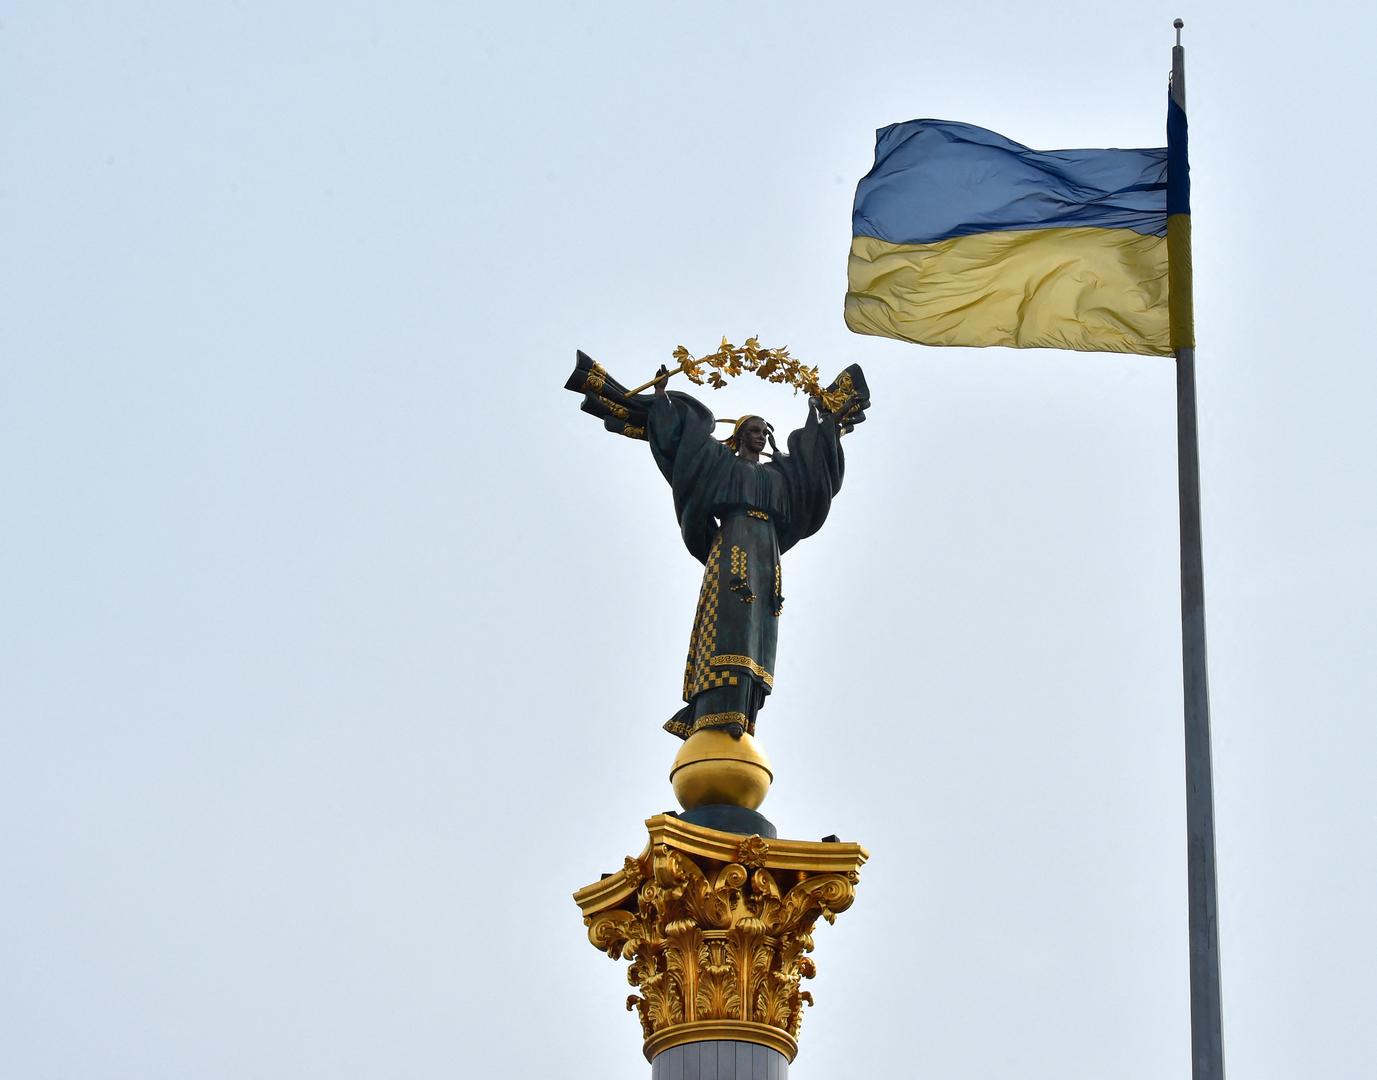 وزير الخارجية الأوكراني السابق ينتقد مقترح تبنّي الأبجدية اللاتينية في بلاده